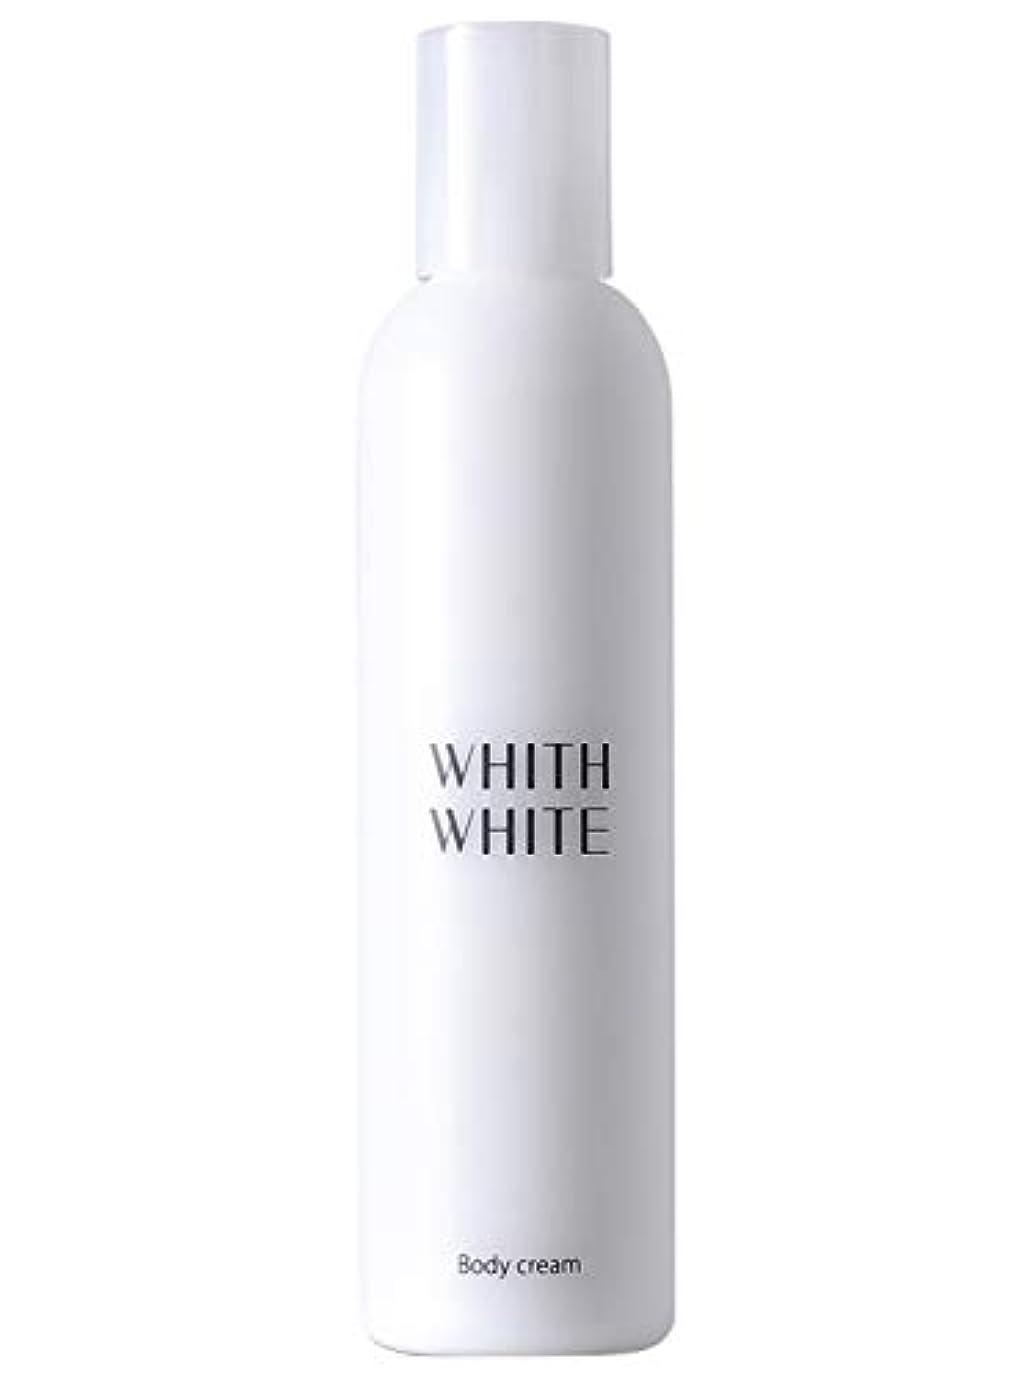 光景爪民兵フィス ホワイト 保湿 ボディクリーム 「顔 かかと 全身 乾燥肌 しみ くすみ 用 エモリエント 保湿クリーム 」200g